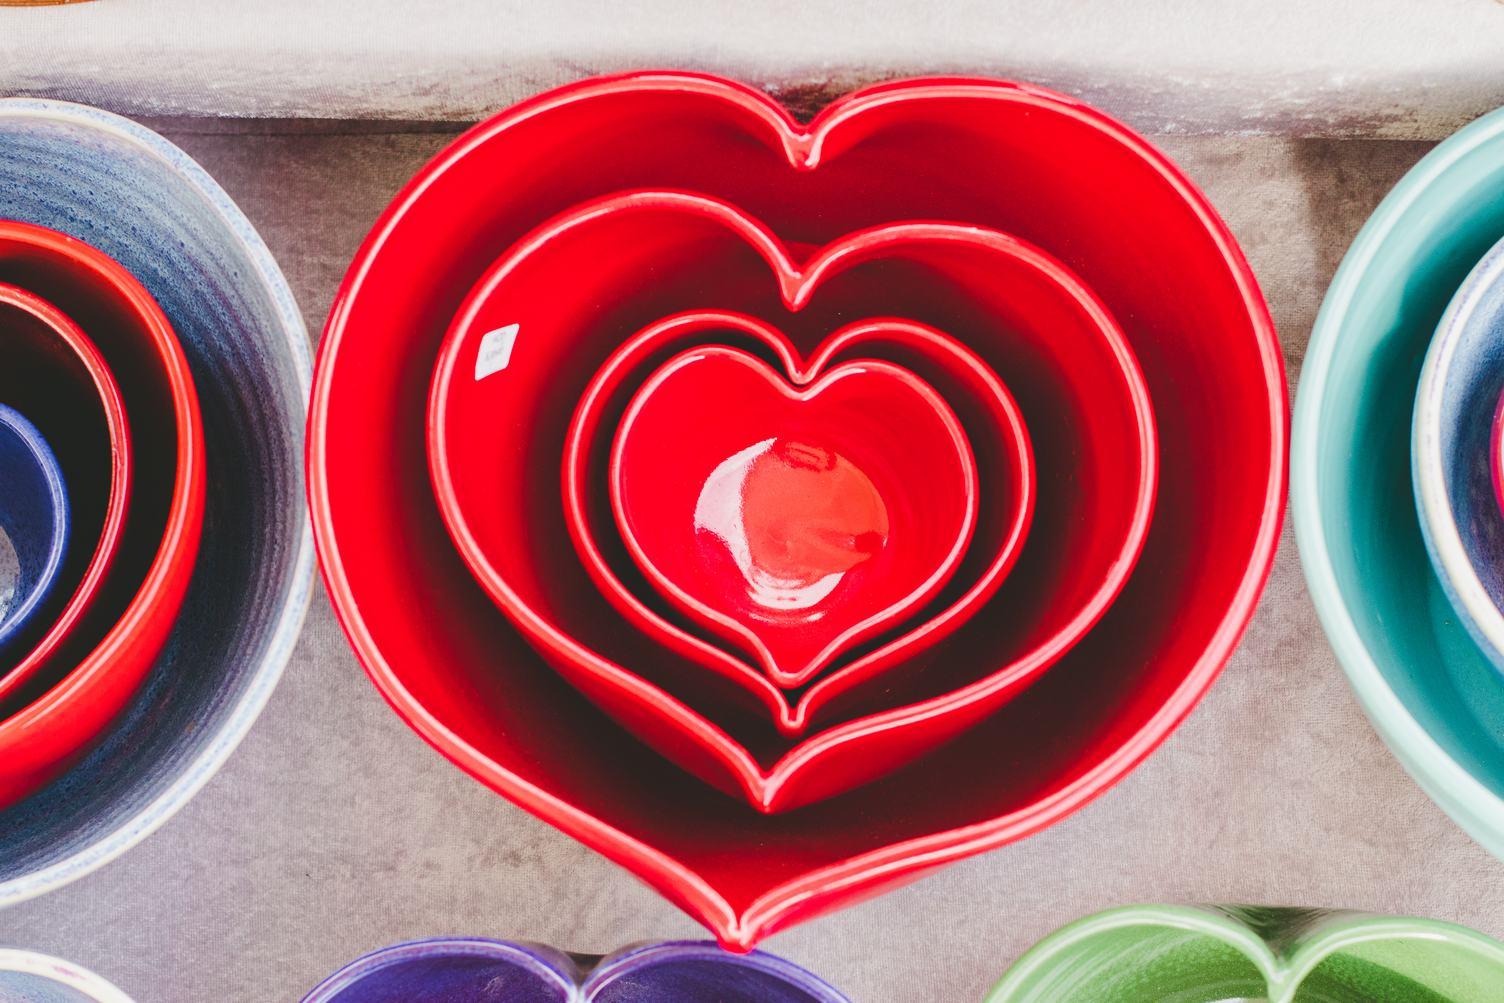 Colorful Ceramic Hearts